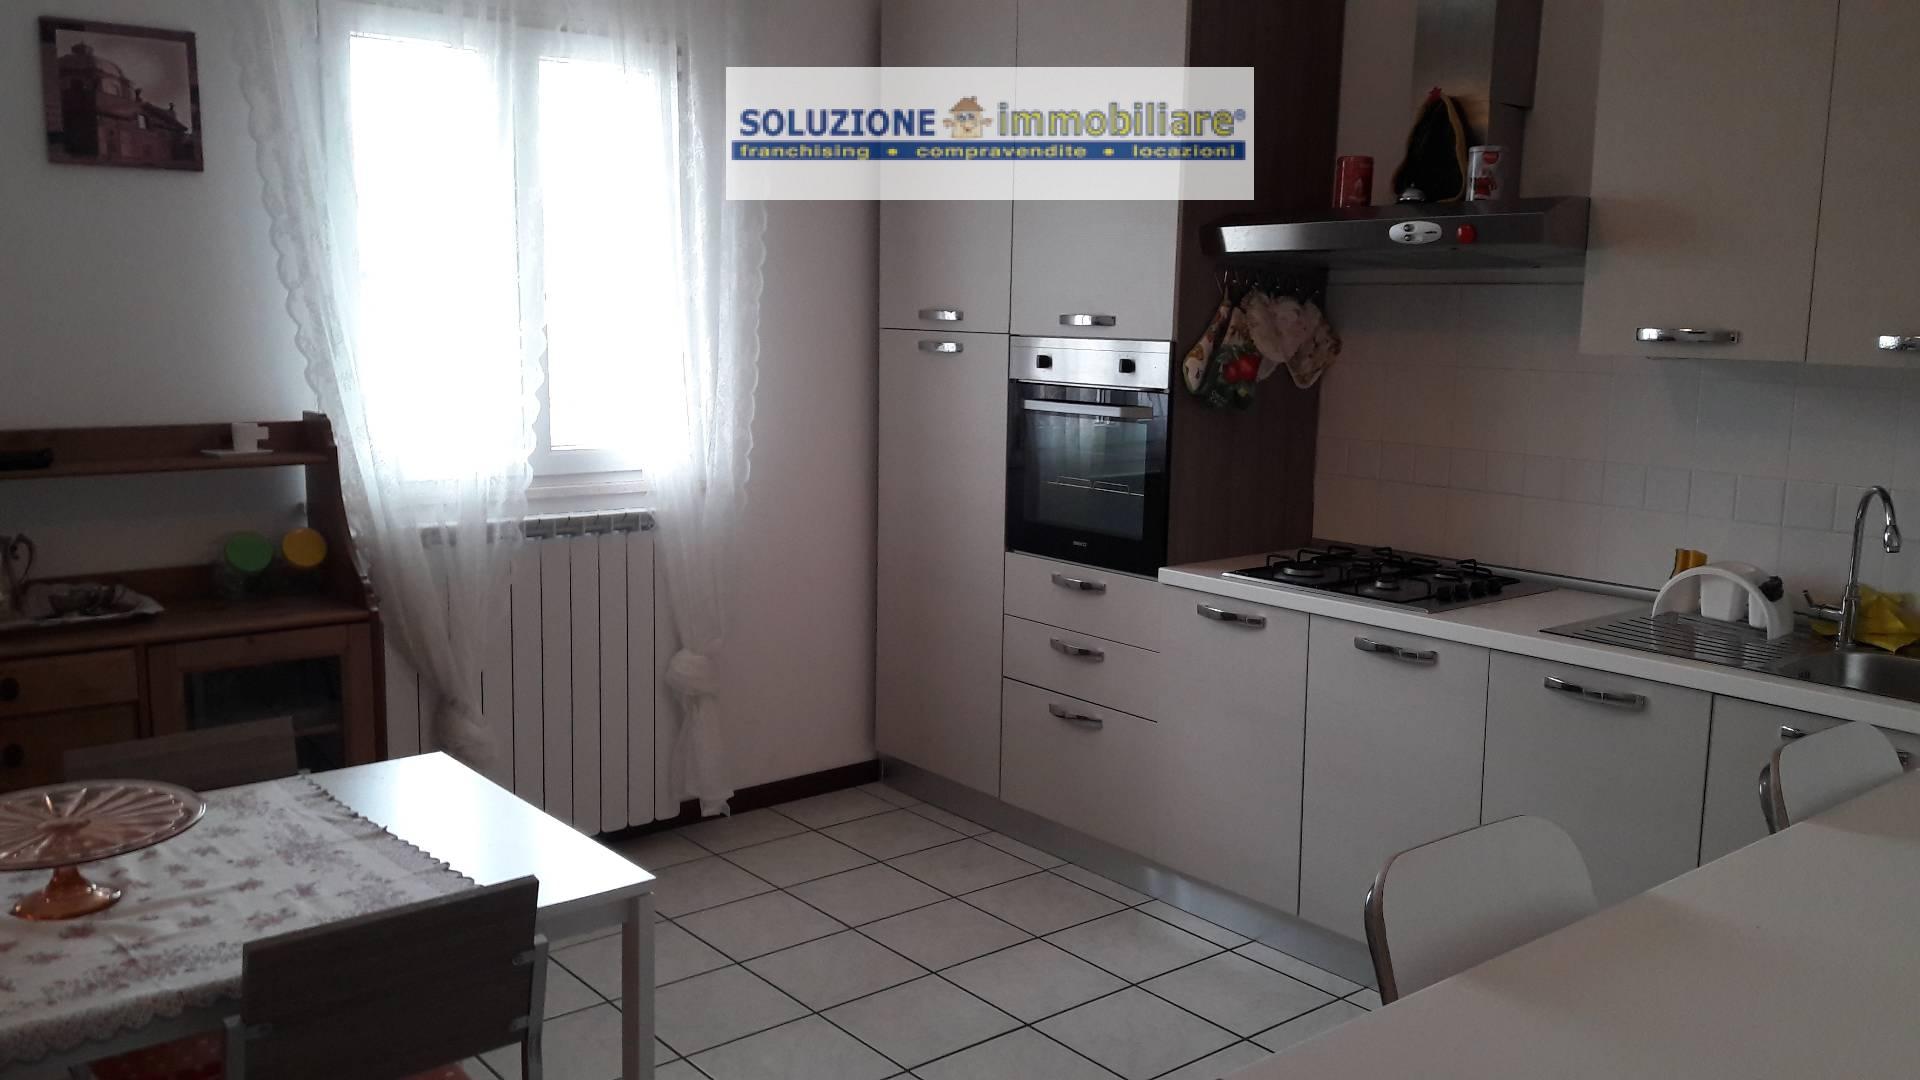 Appartamento in affitto a Cepagatti, 4 locali, zona Zona: Villanova, prezzo € 450 | CambioCasa.it